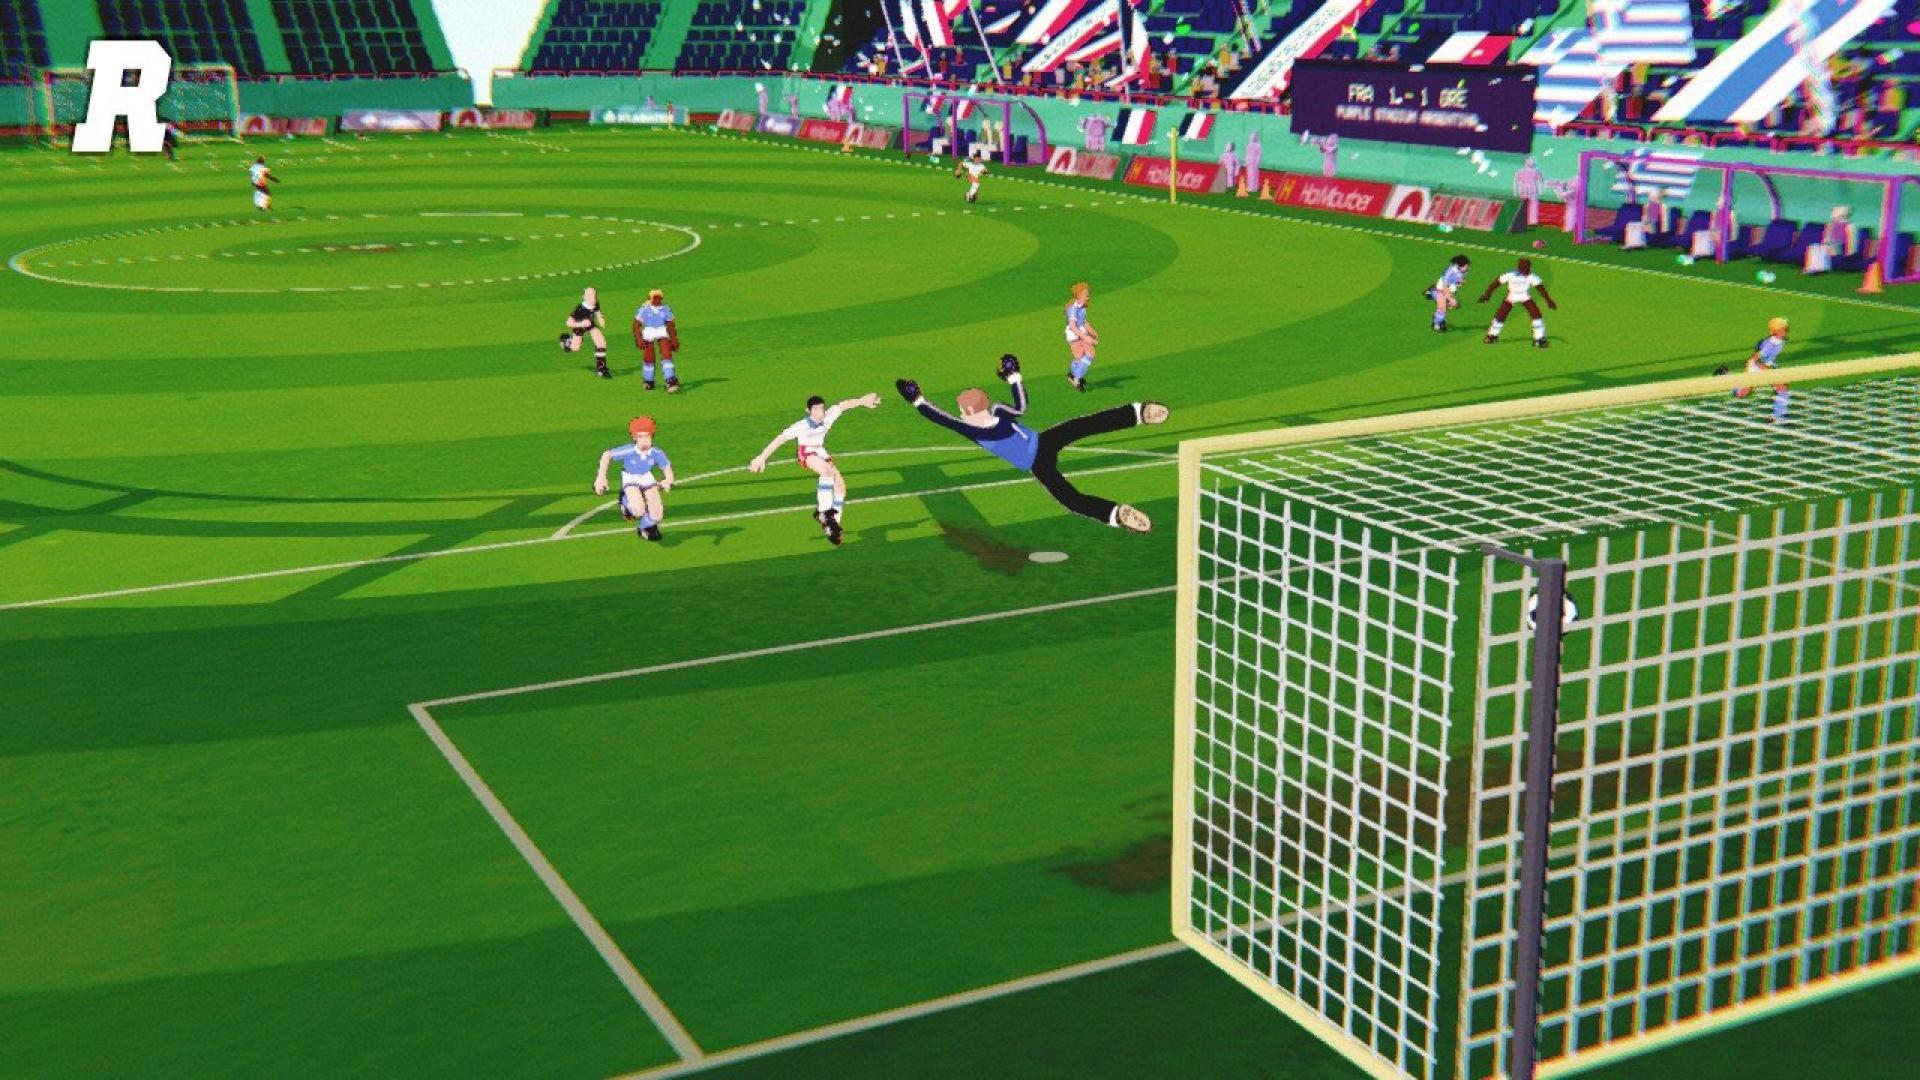 « Golazo!», rencontre entre« Olive & Tom» et« International Superstar Soccer», écarte aisément un vrai-faux jeu de balle au prisonnier.